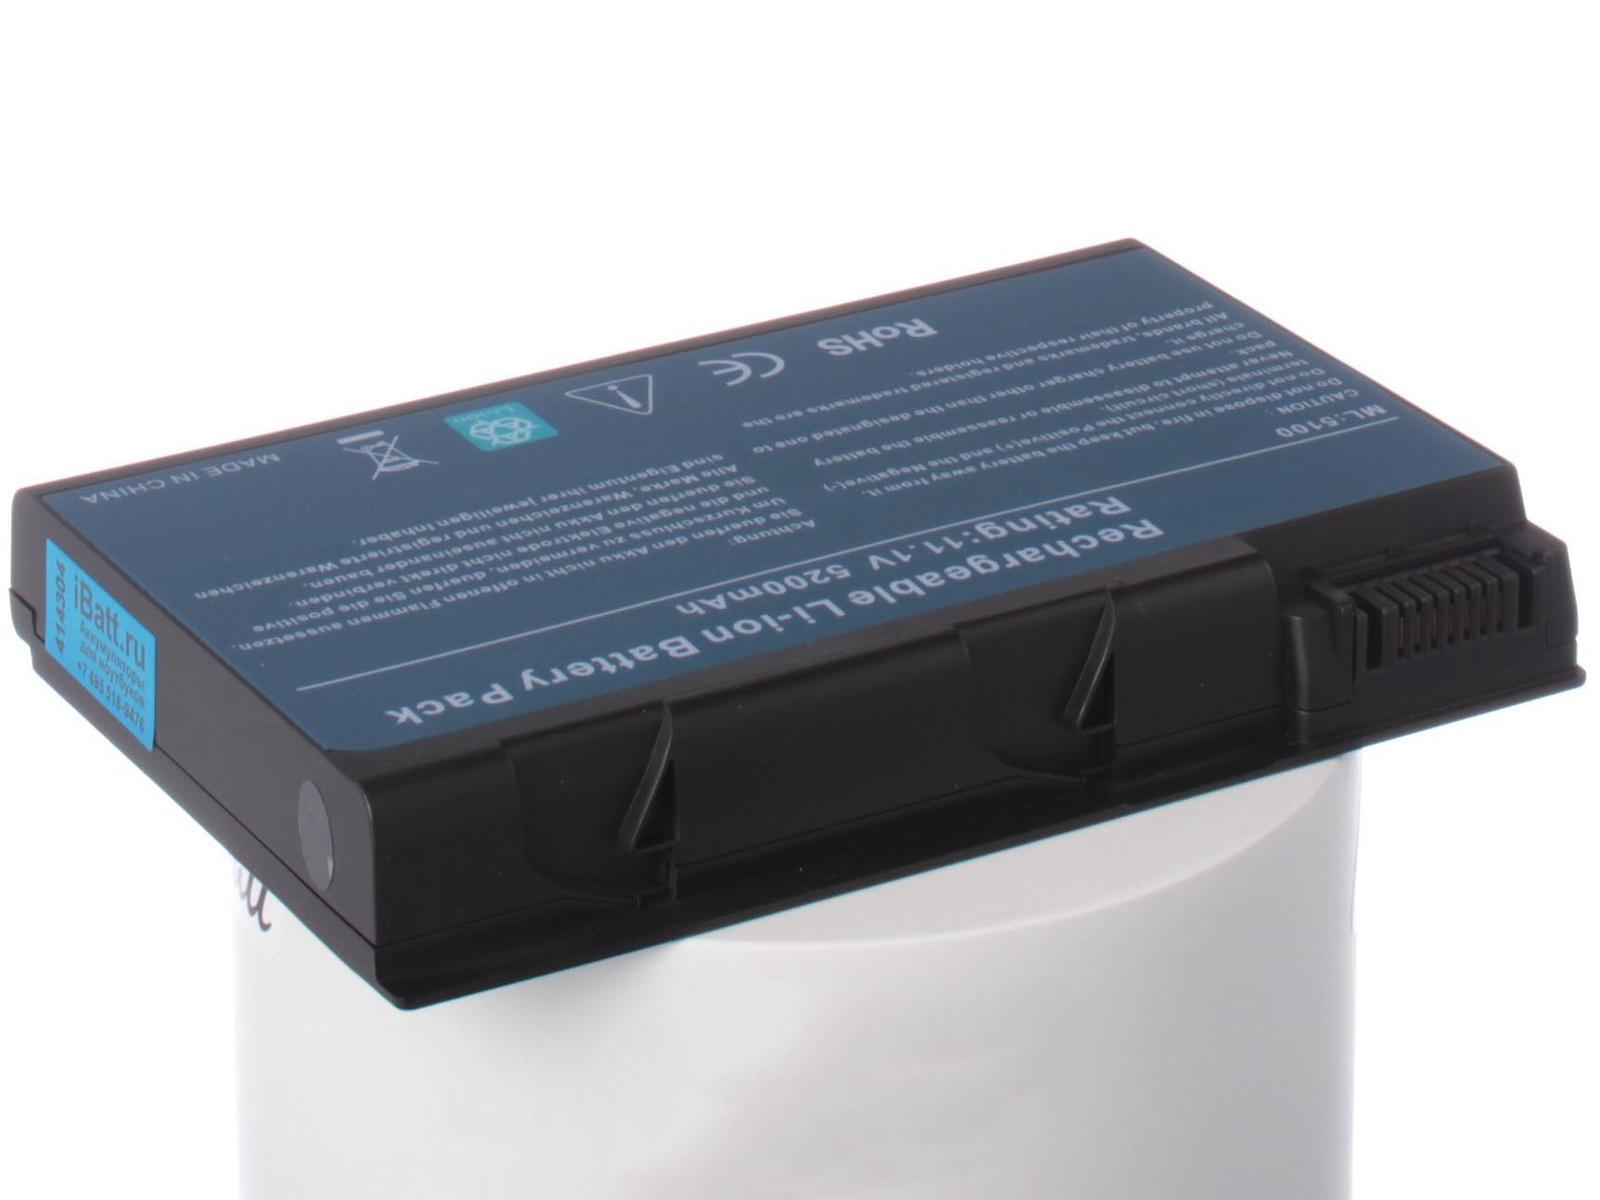 Аккумулятор для ноутбука iBatt для Acer Aspire 3692, Aspire 9802, Aspire 5611AWLMI, TravelMate 4233WLMi, Aspire 5103WLMI, TravelMate 5510, TravelMate 4202WLMi, Aspire 5102AWLMi, Aspire 5610Z, Aspire 5112, Aspire 9802WKMi цена